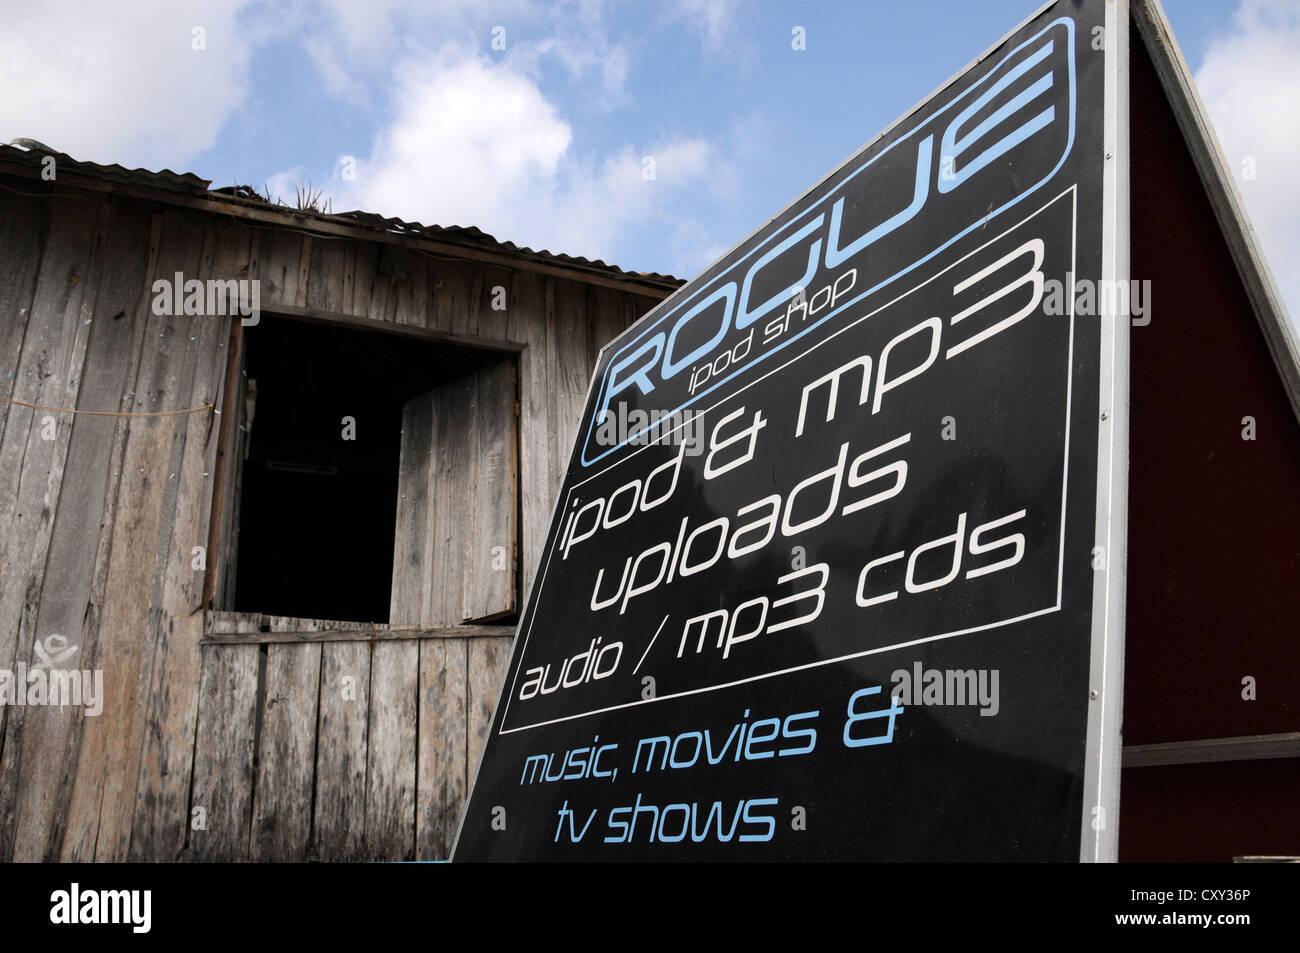 Estación de descarga de música y películas, Playa Ochheuteal, Sihanoukeville, Camboya, Asia Imagen De Stock